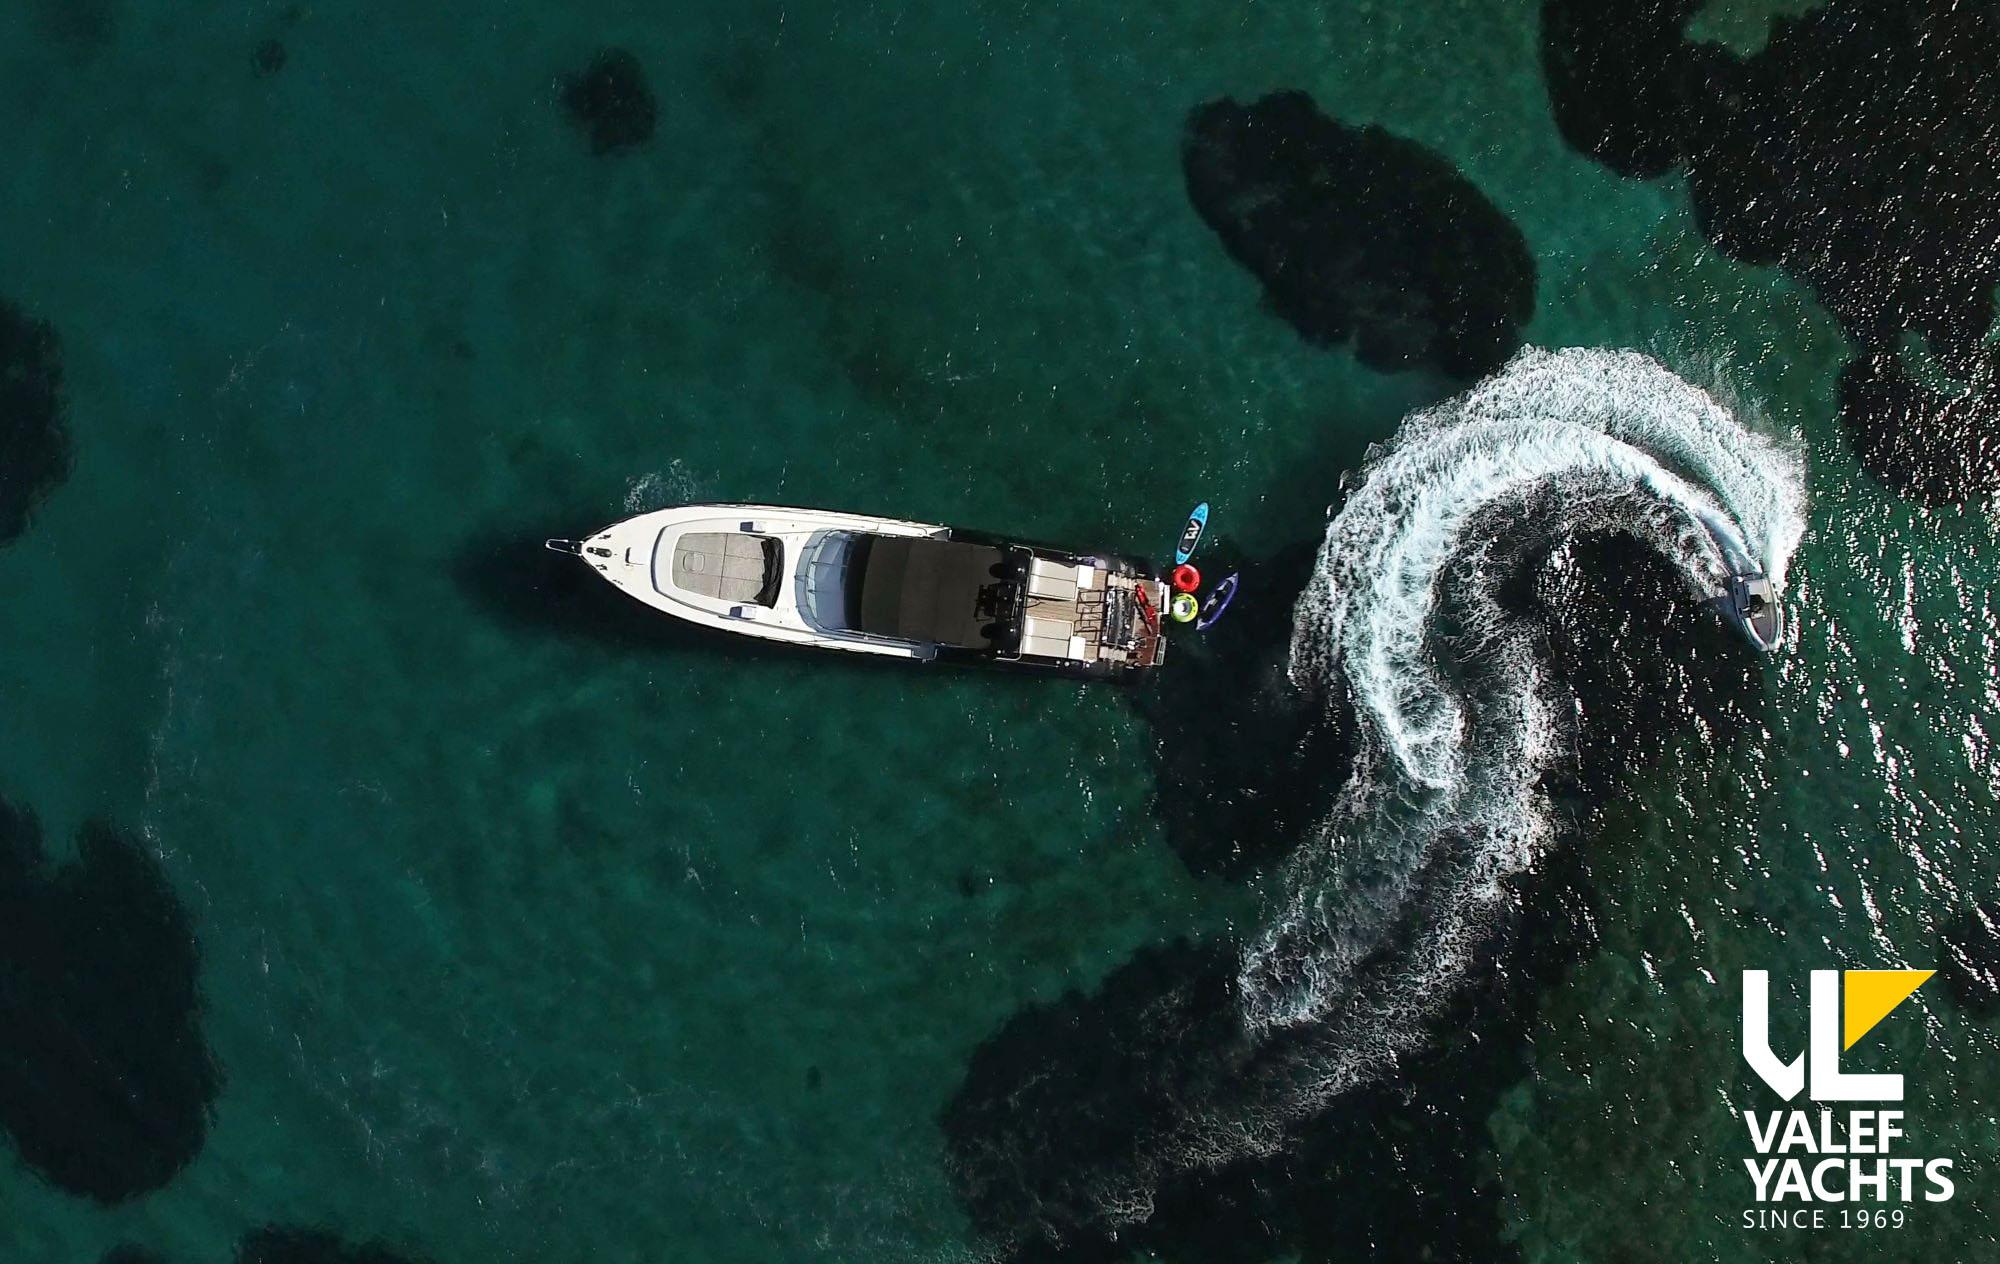 Valef Yachts - Turn On